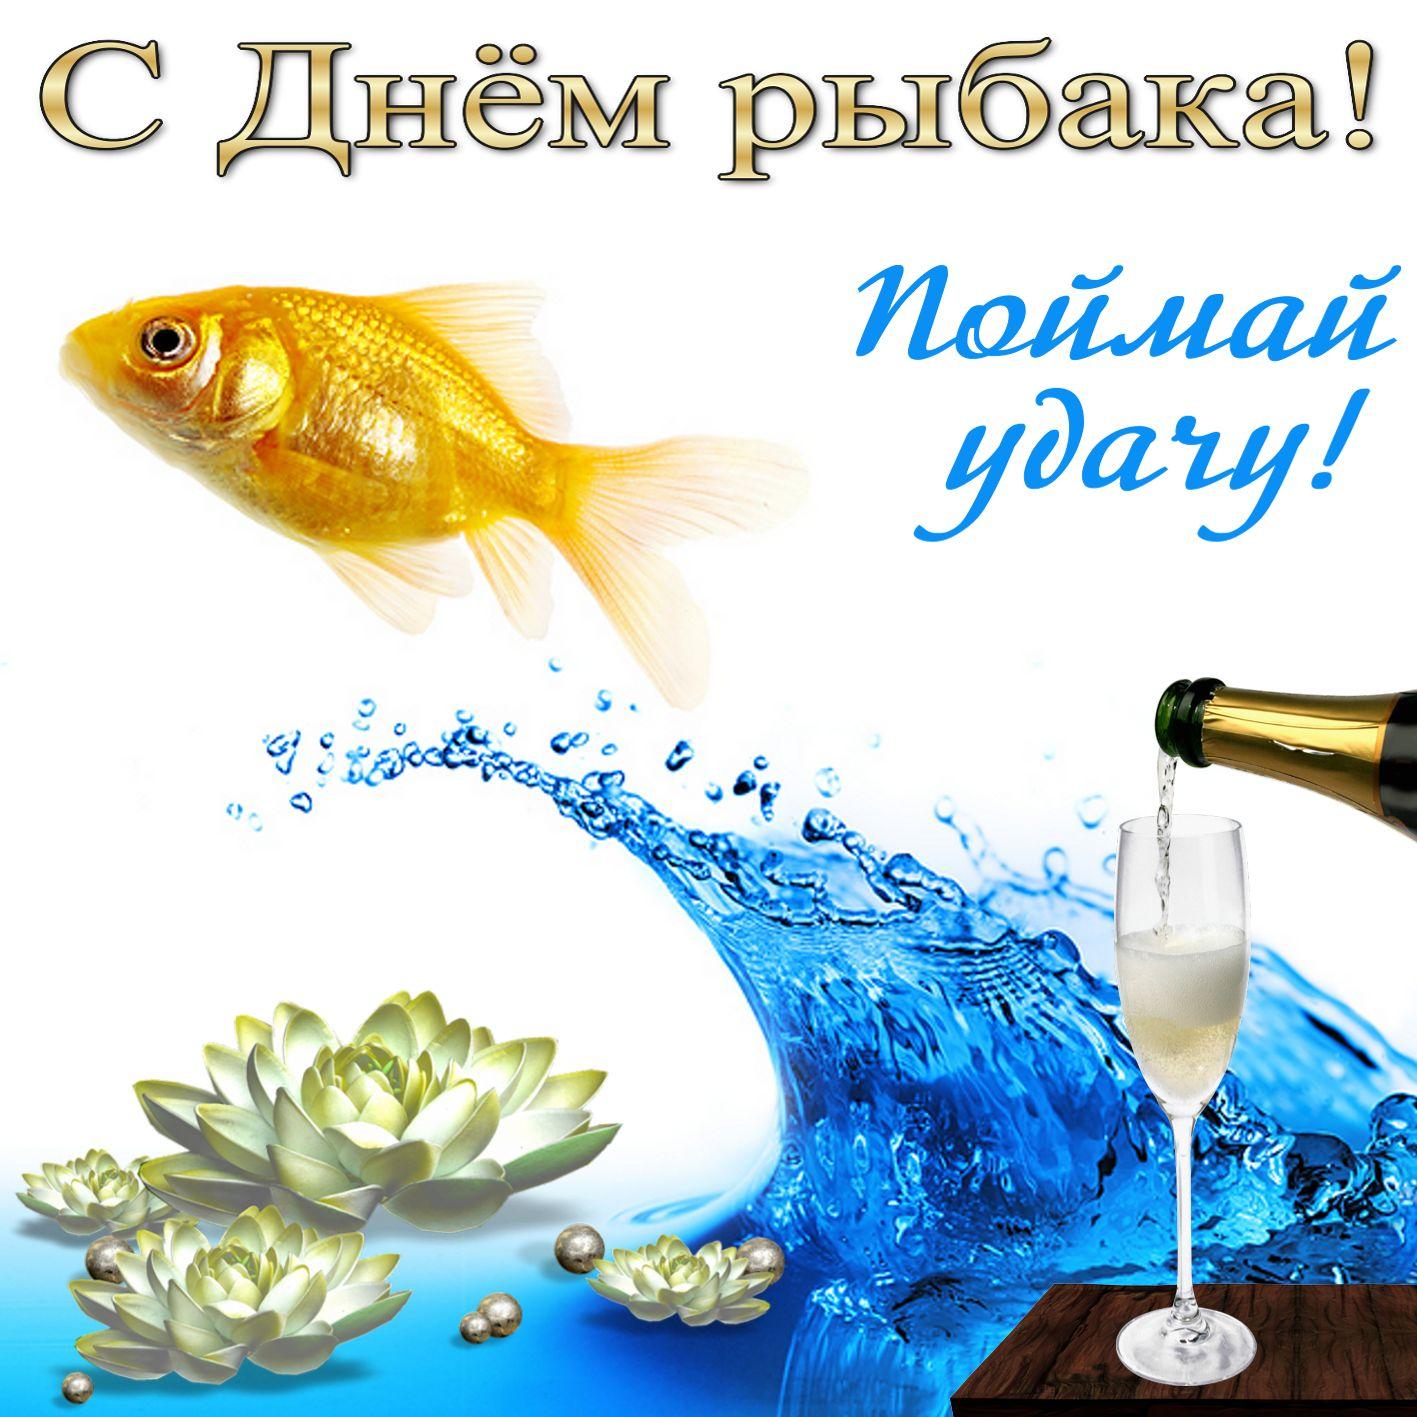 Февраля, красивые открытки с днем рыбака